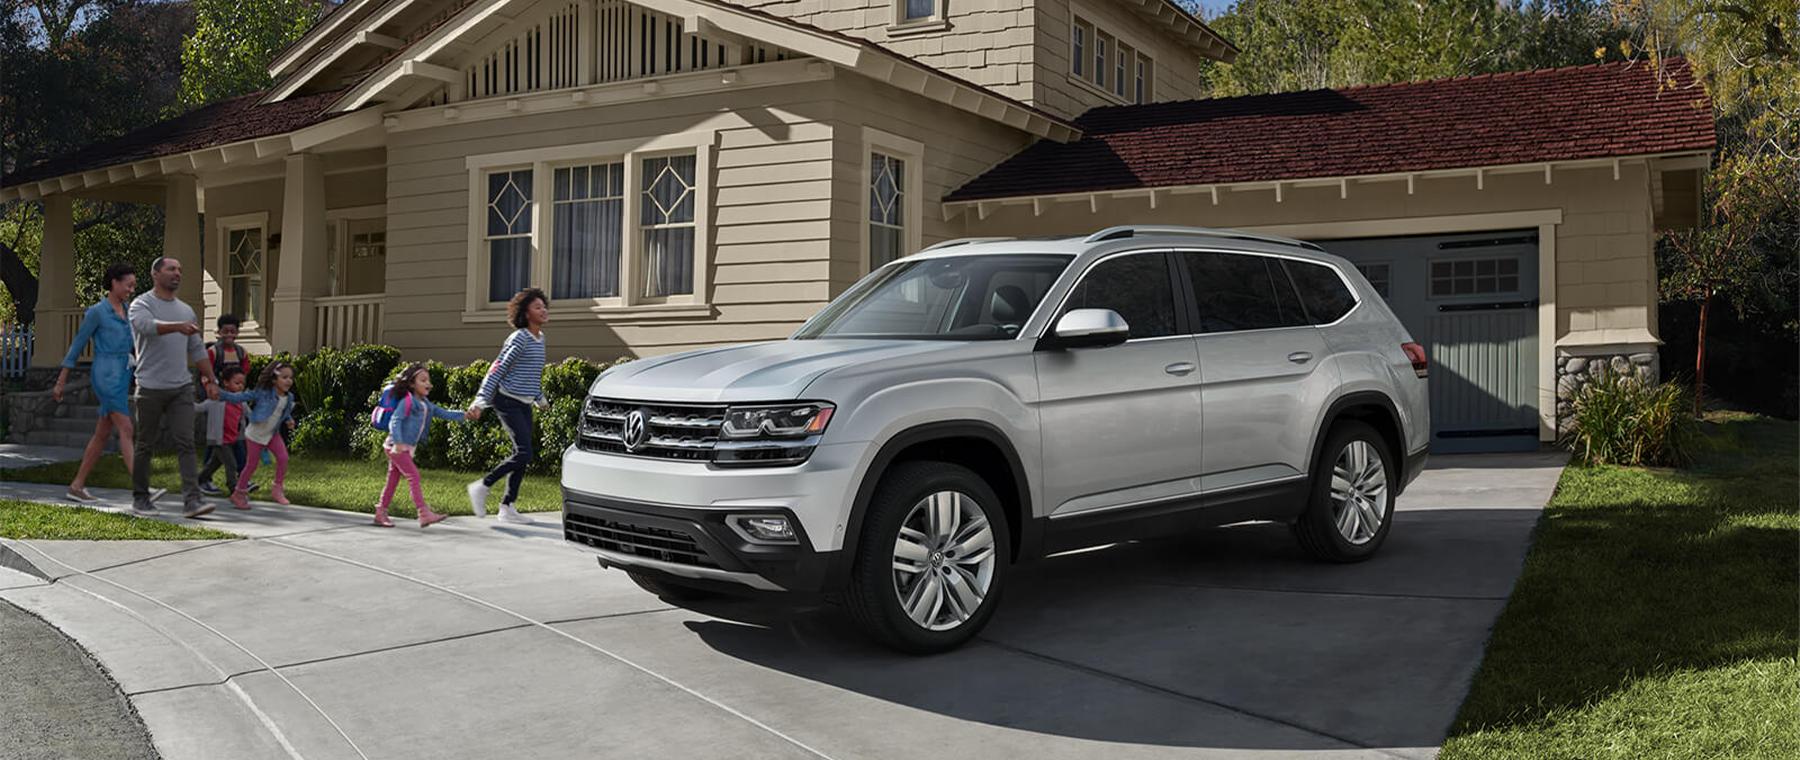 Volkswagen of Quad Cities | Volkswagen Dealer in Davenport, IA